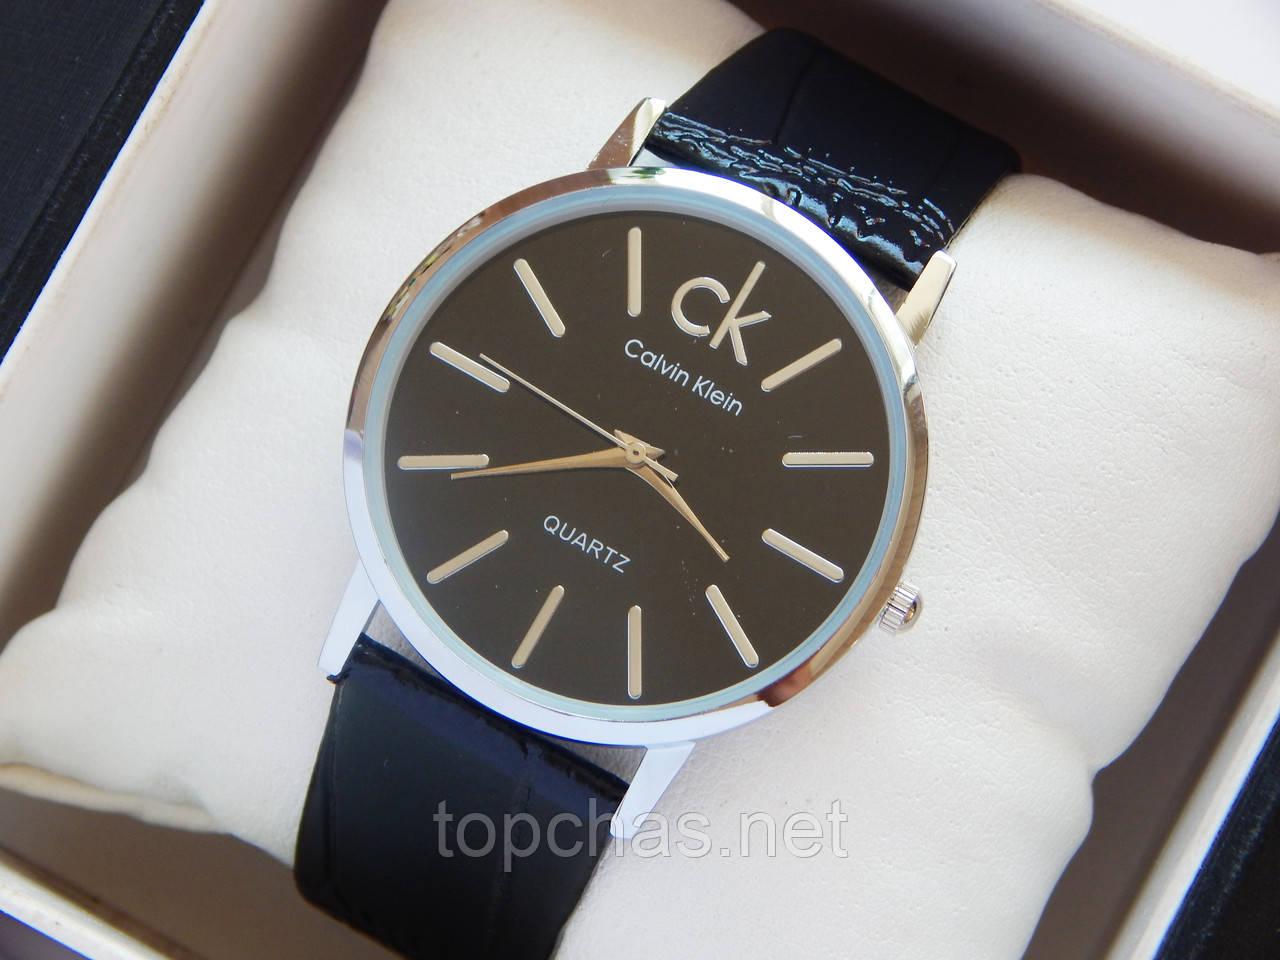 2580c03ef319a Мужские (Женские) кварцевые наручные часы Calvin Klein на кожаном ремешке -  Top Chas -